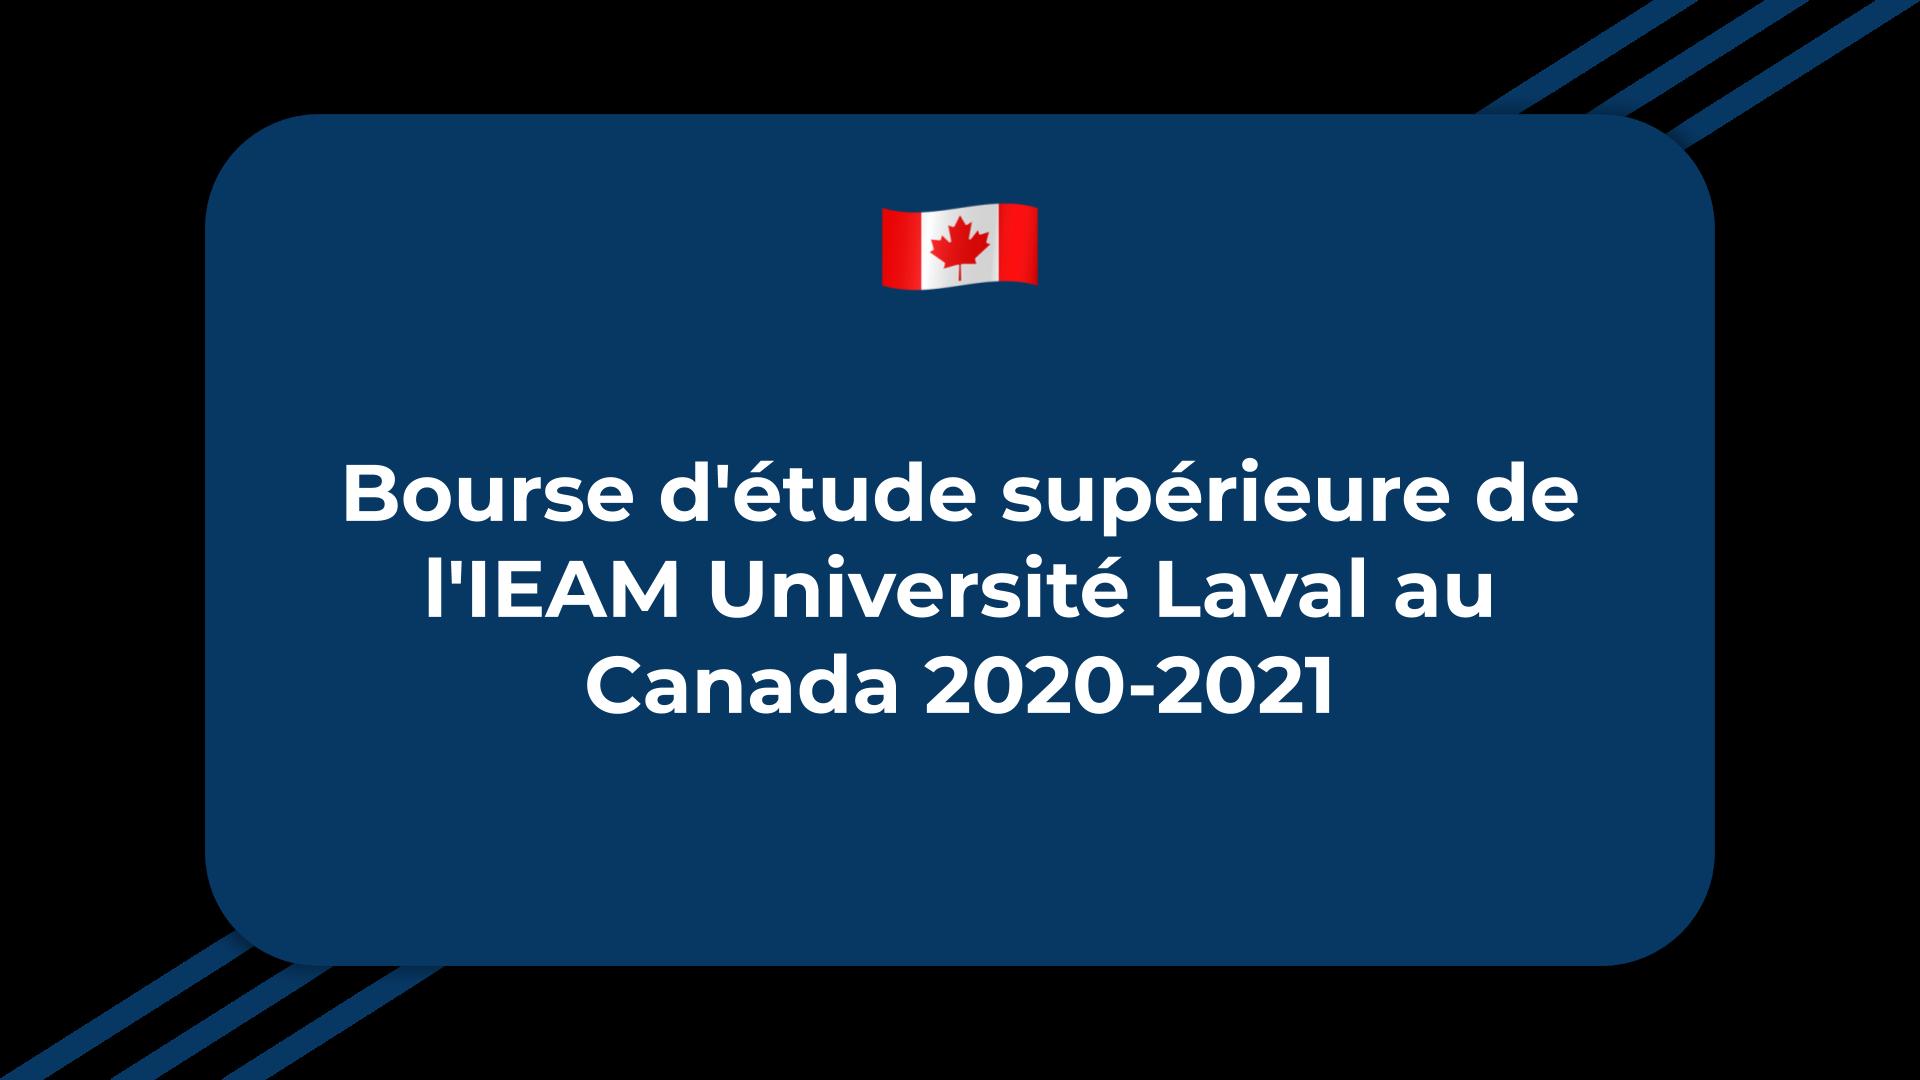 Bourse d'étude supérieure de l'IEAM Université Laval